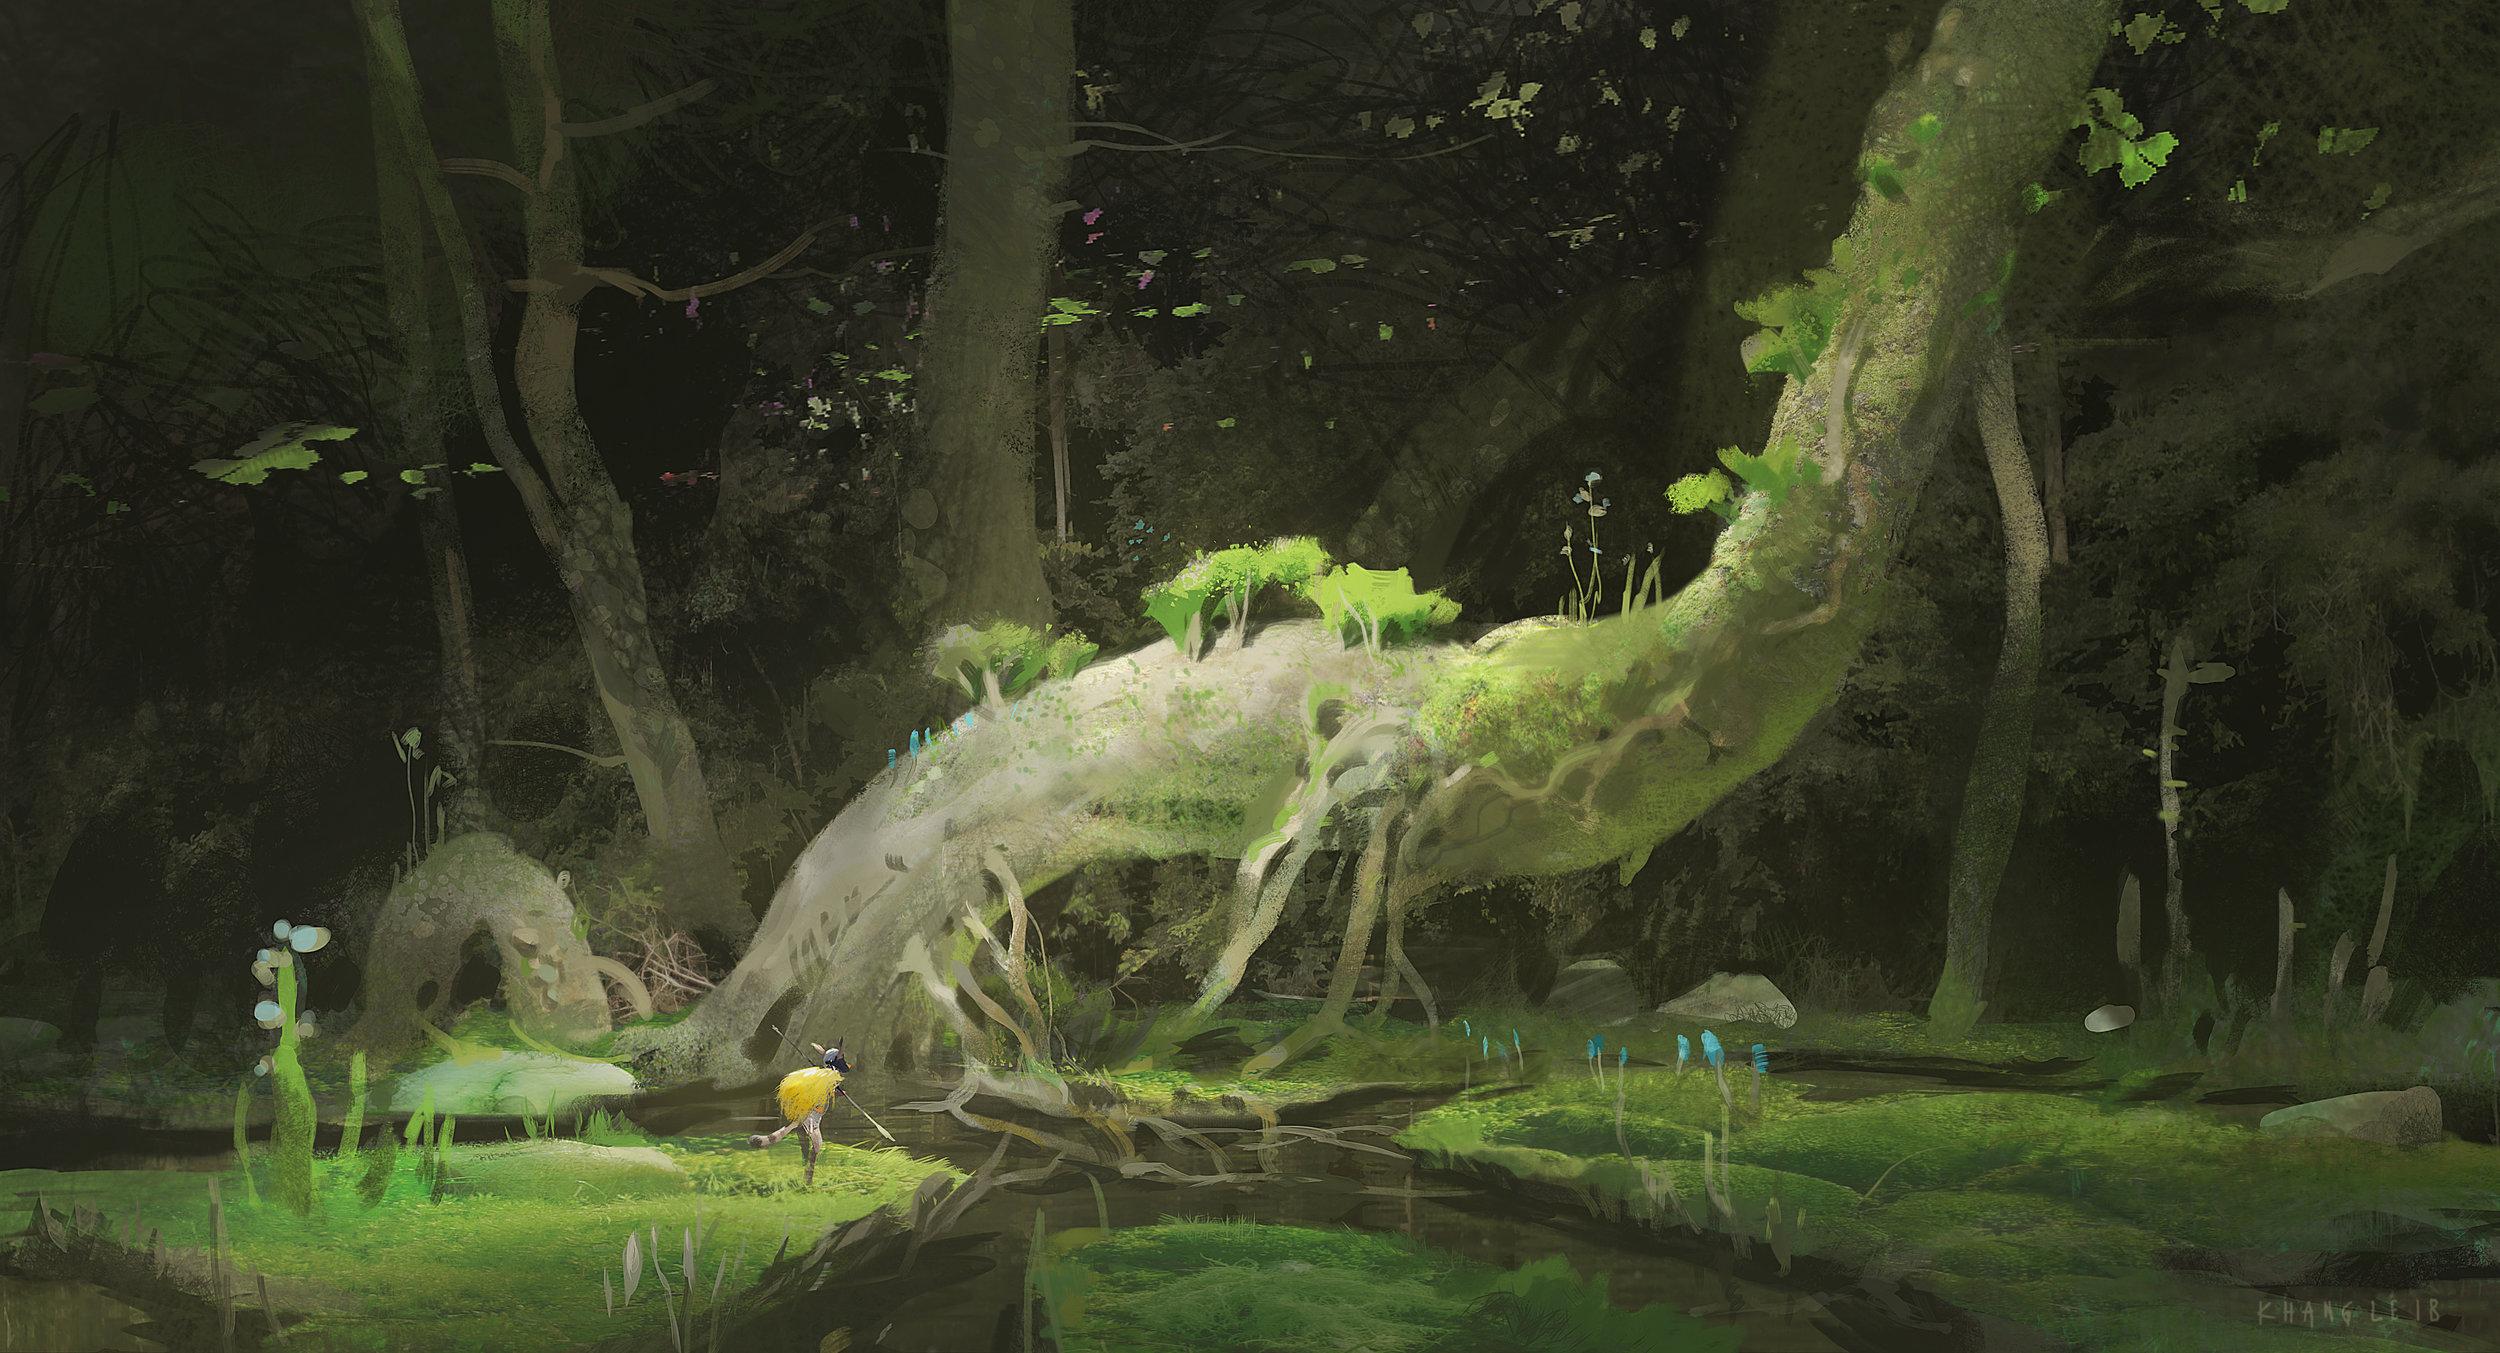 Dark_Forest_01.jpg